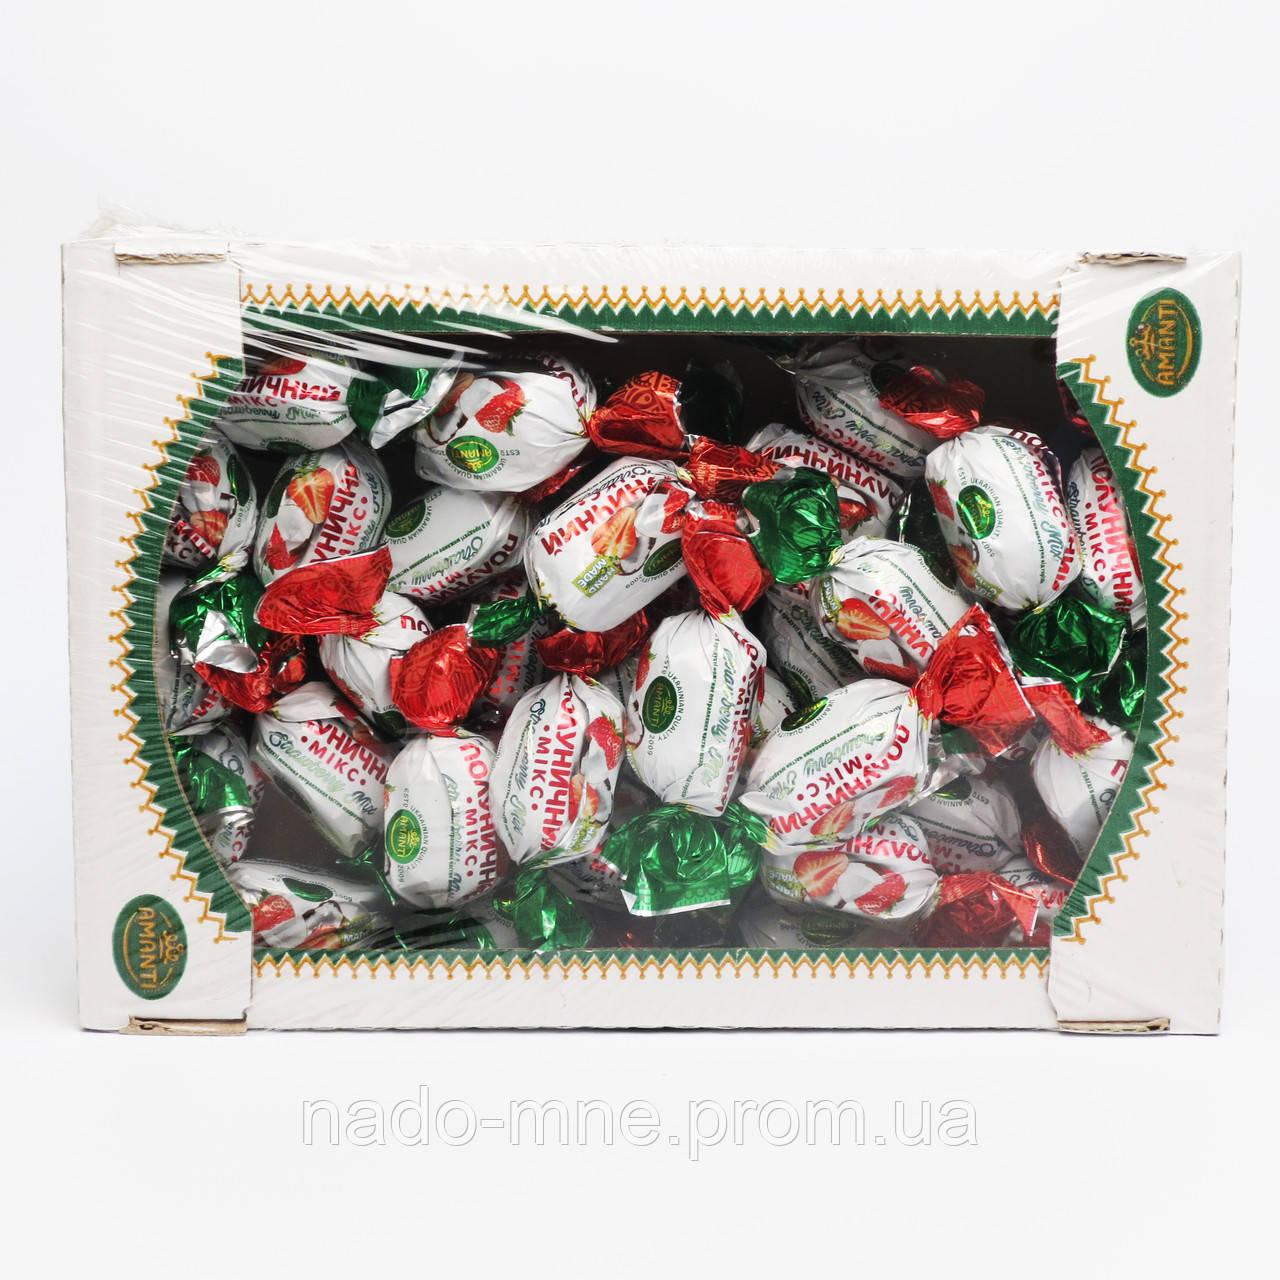 """Конфеты """"Клубничный микс"""", Amanti, Украина, 1 кг."""